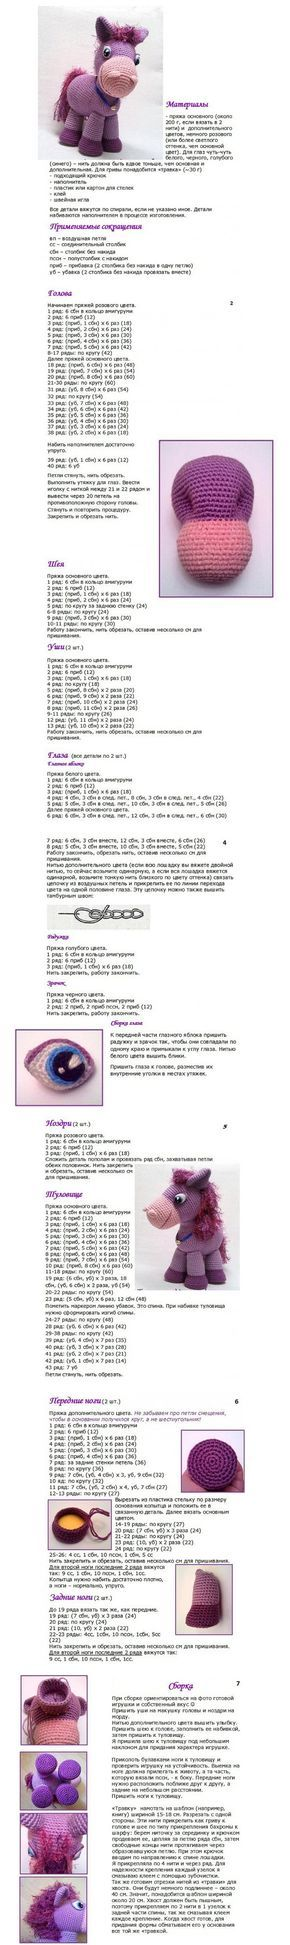 vyazanie-igrushek-amigurumi-foto5.jpg (635×4261)